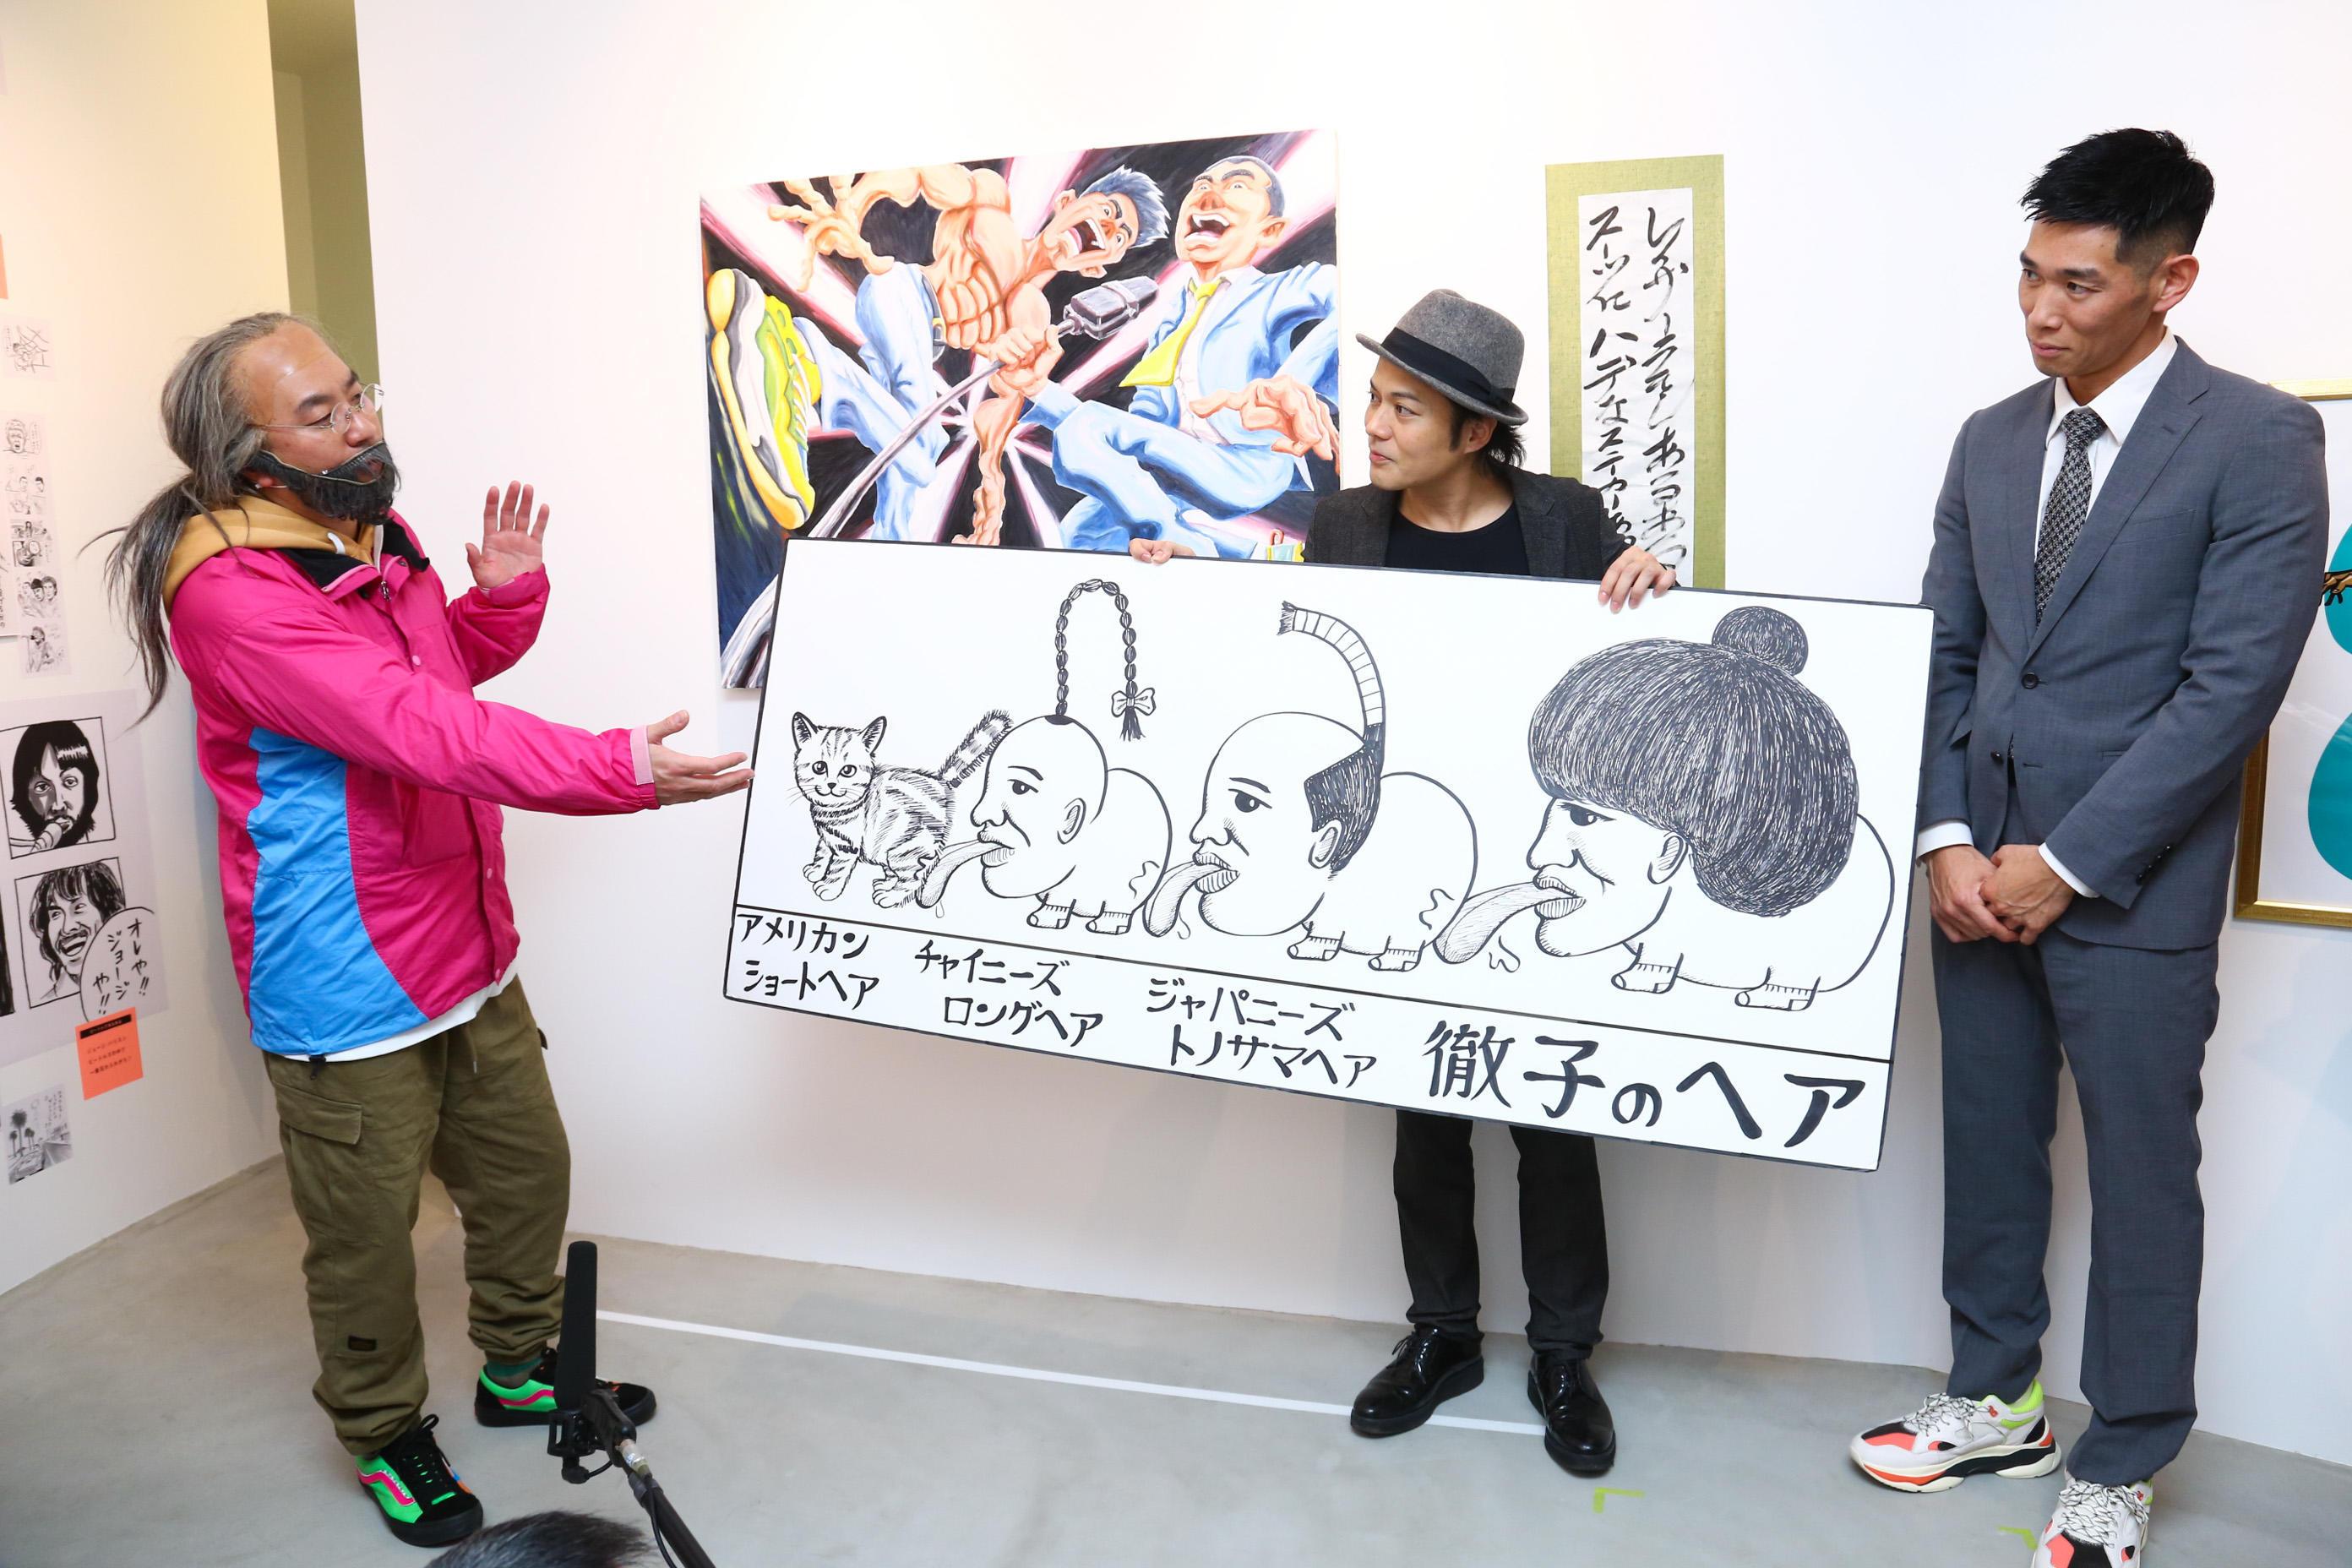 http://news.yoshimoto.co.jp/20190110202634-70e5d85820000cb414f6f0d9a09f67dbd000171f.jpg